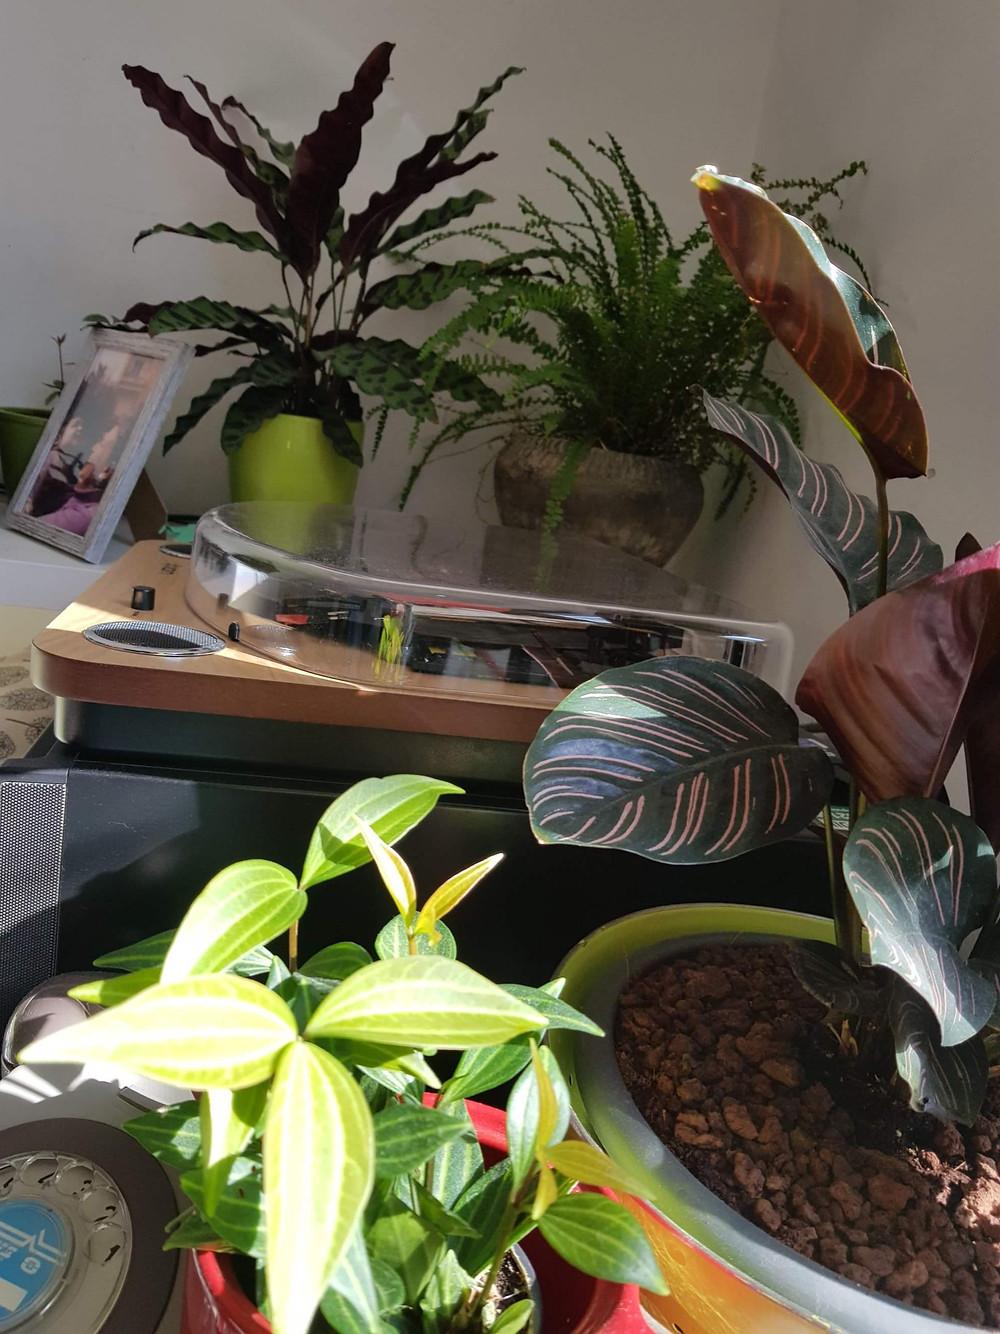 צמחי בית - תכשיט בחדר | סטודיו85 | אדריכלית שירי מוטס לוין